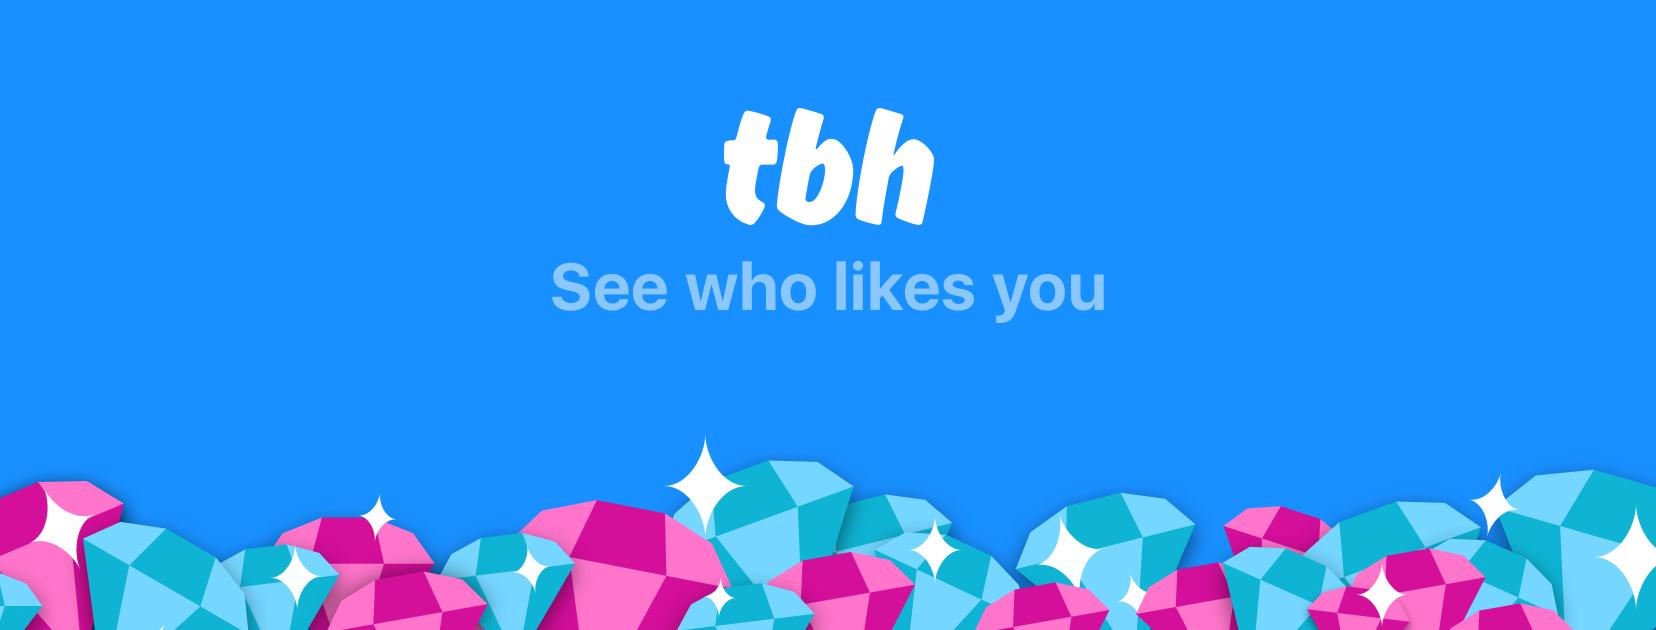 Facebook insiste en su búsqueda por conquistar a los adolescentes